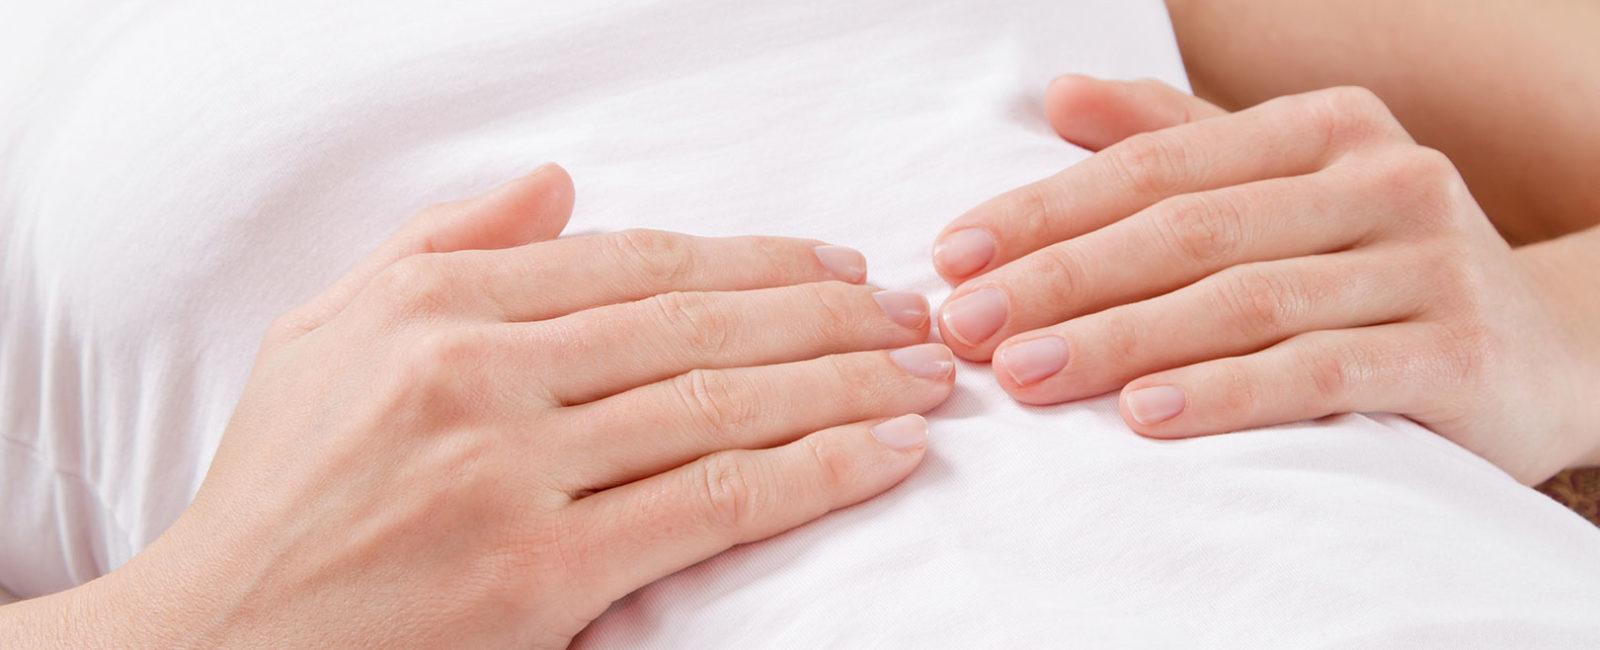 Darmgeräusche Assoziationsbild Hände auf Bauch